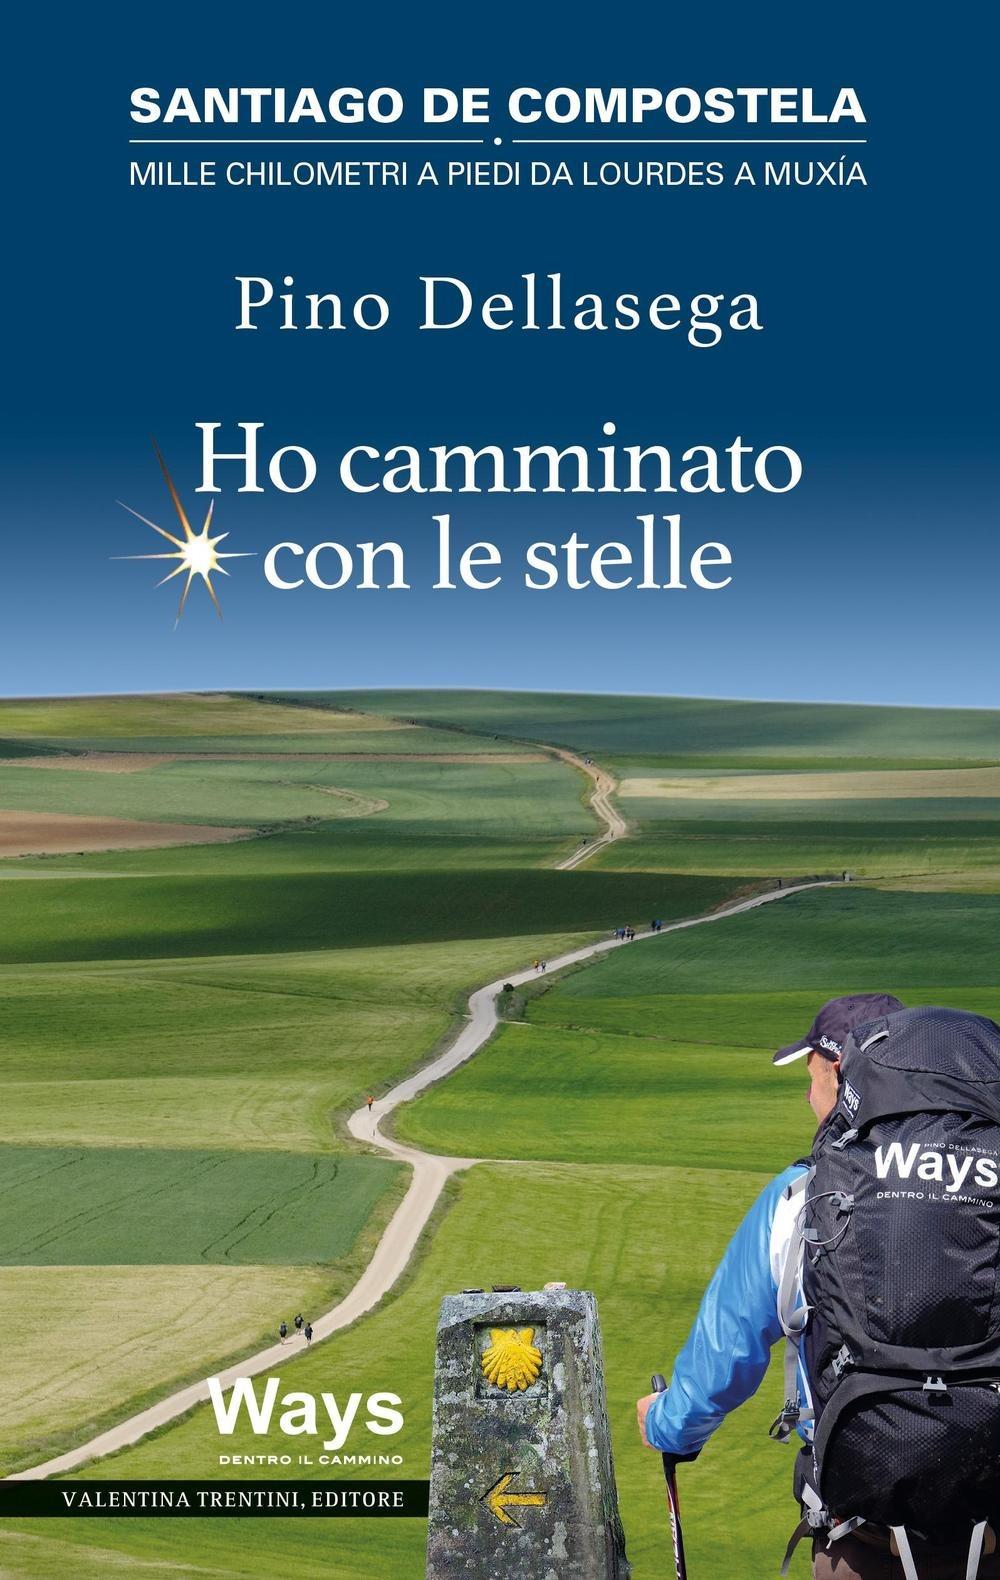 pino-dellasega-cammino-santiago